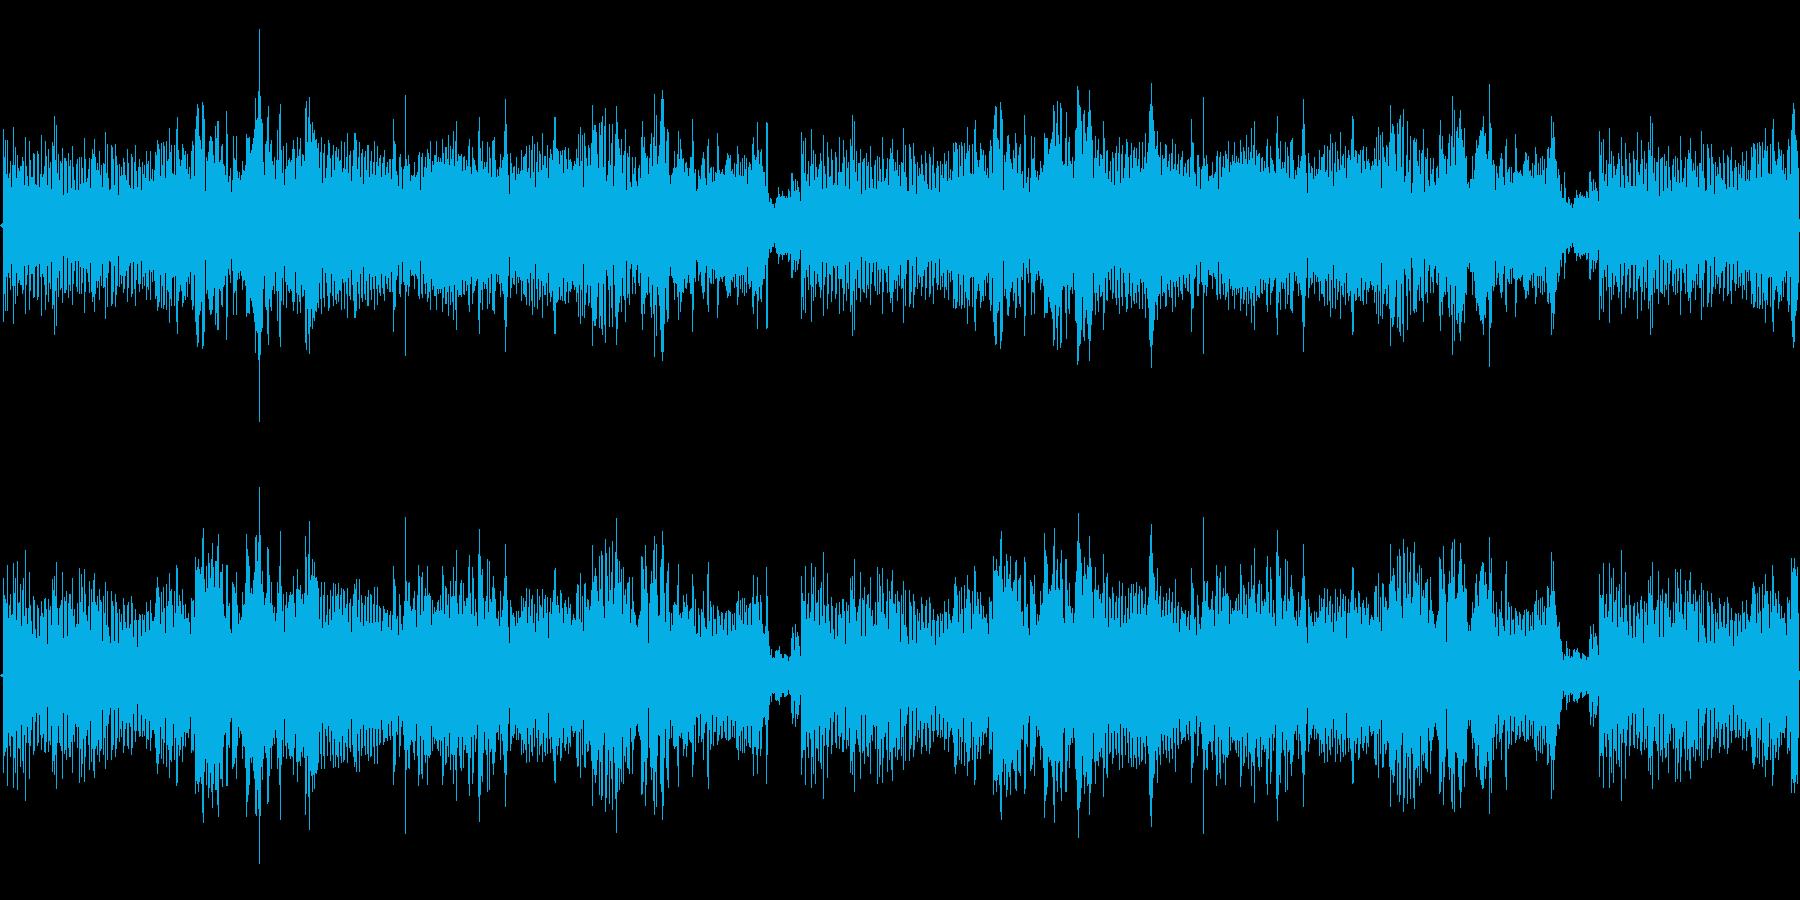 RPGで使えるHip-Hopsサウンドの再生済みの波形